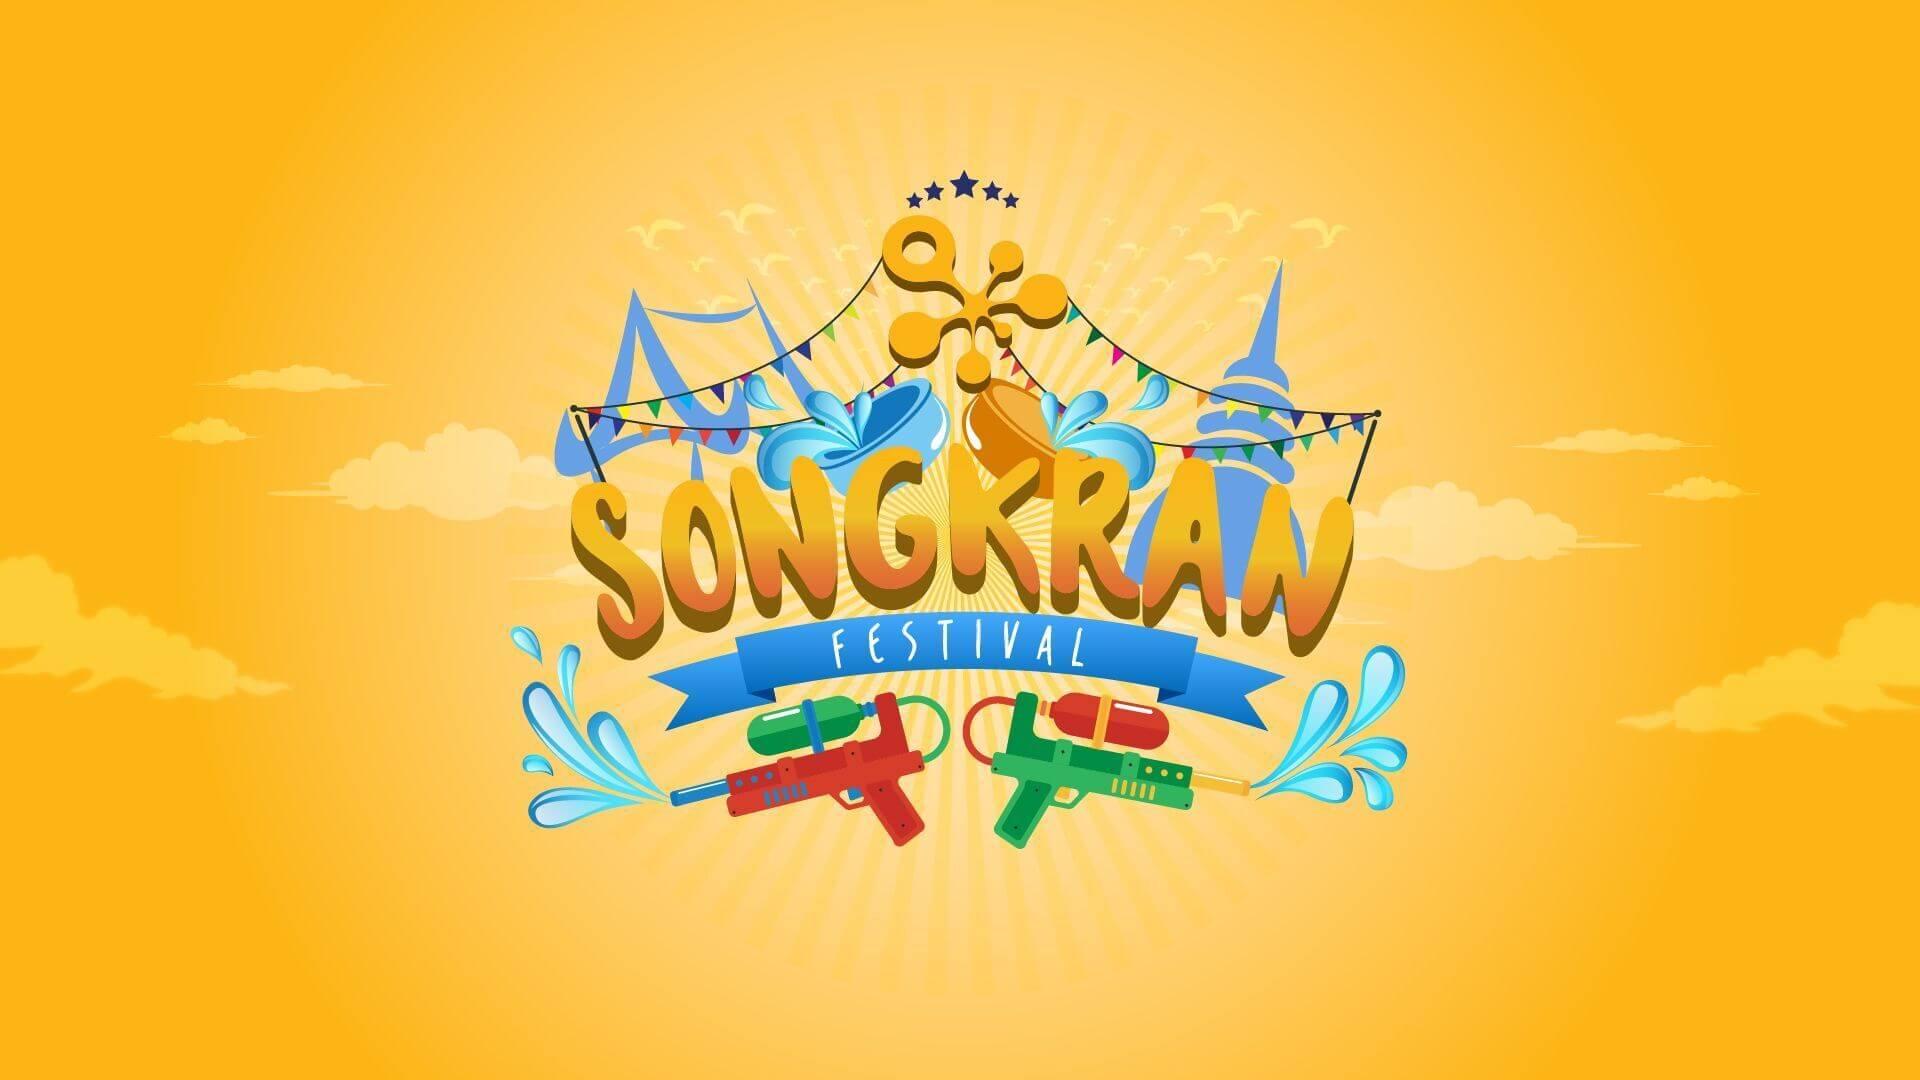 Songkran festival desktop background in HD